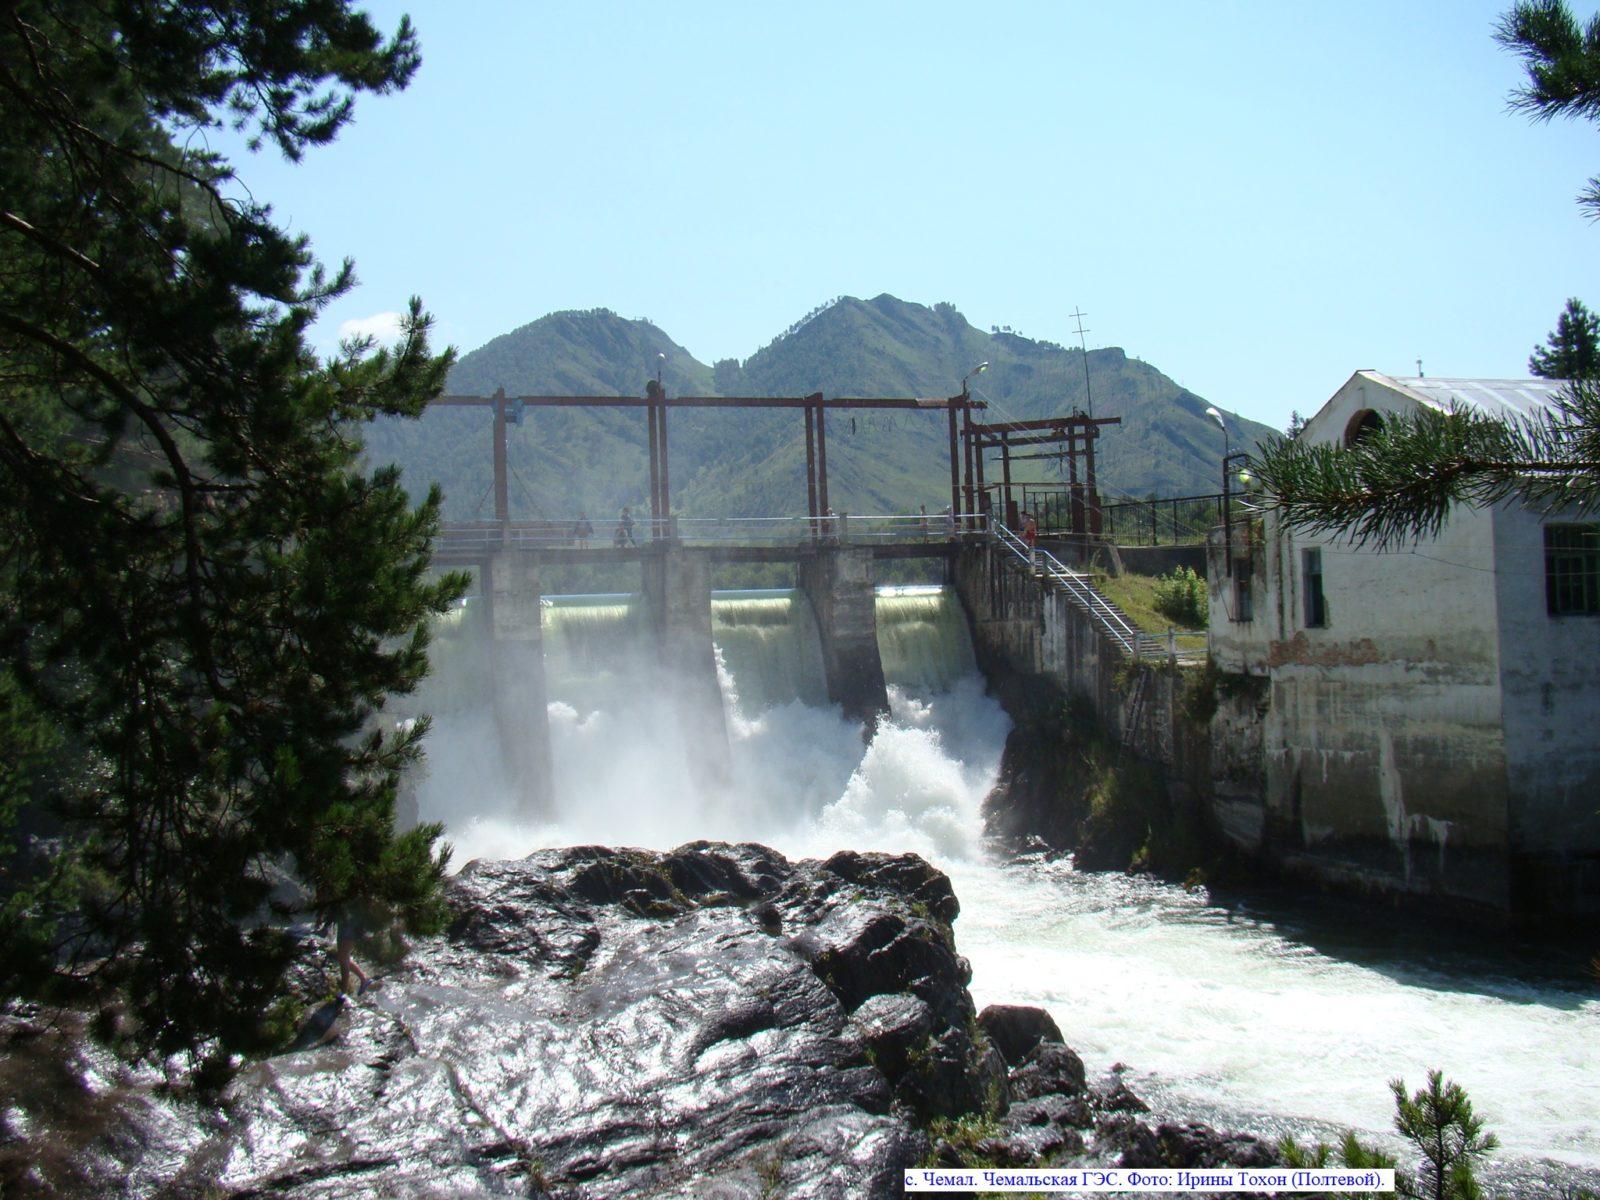 с. Чемал. Чемальская ГЭС.